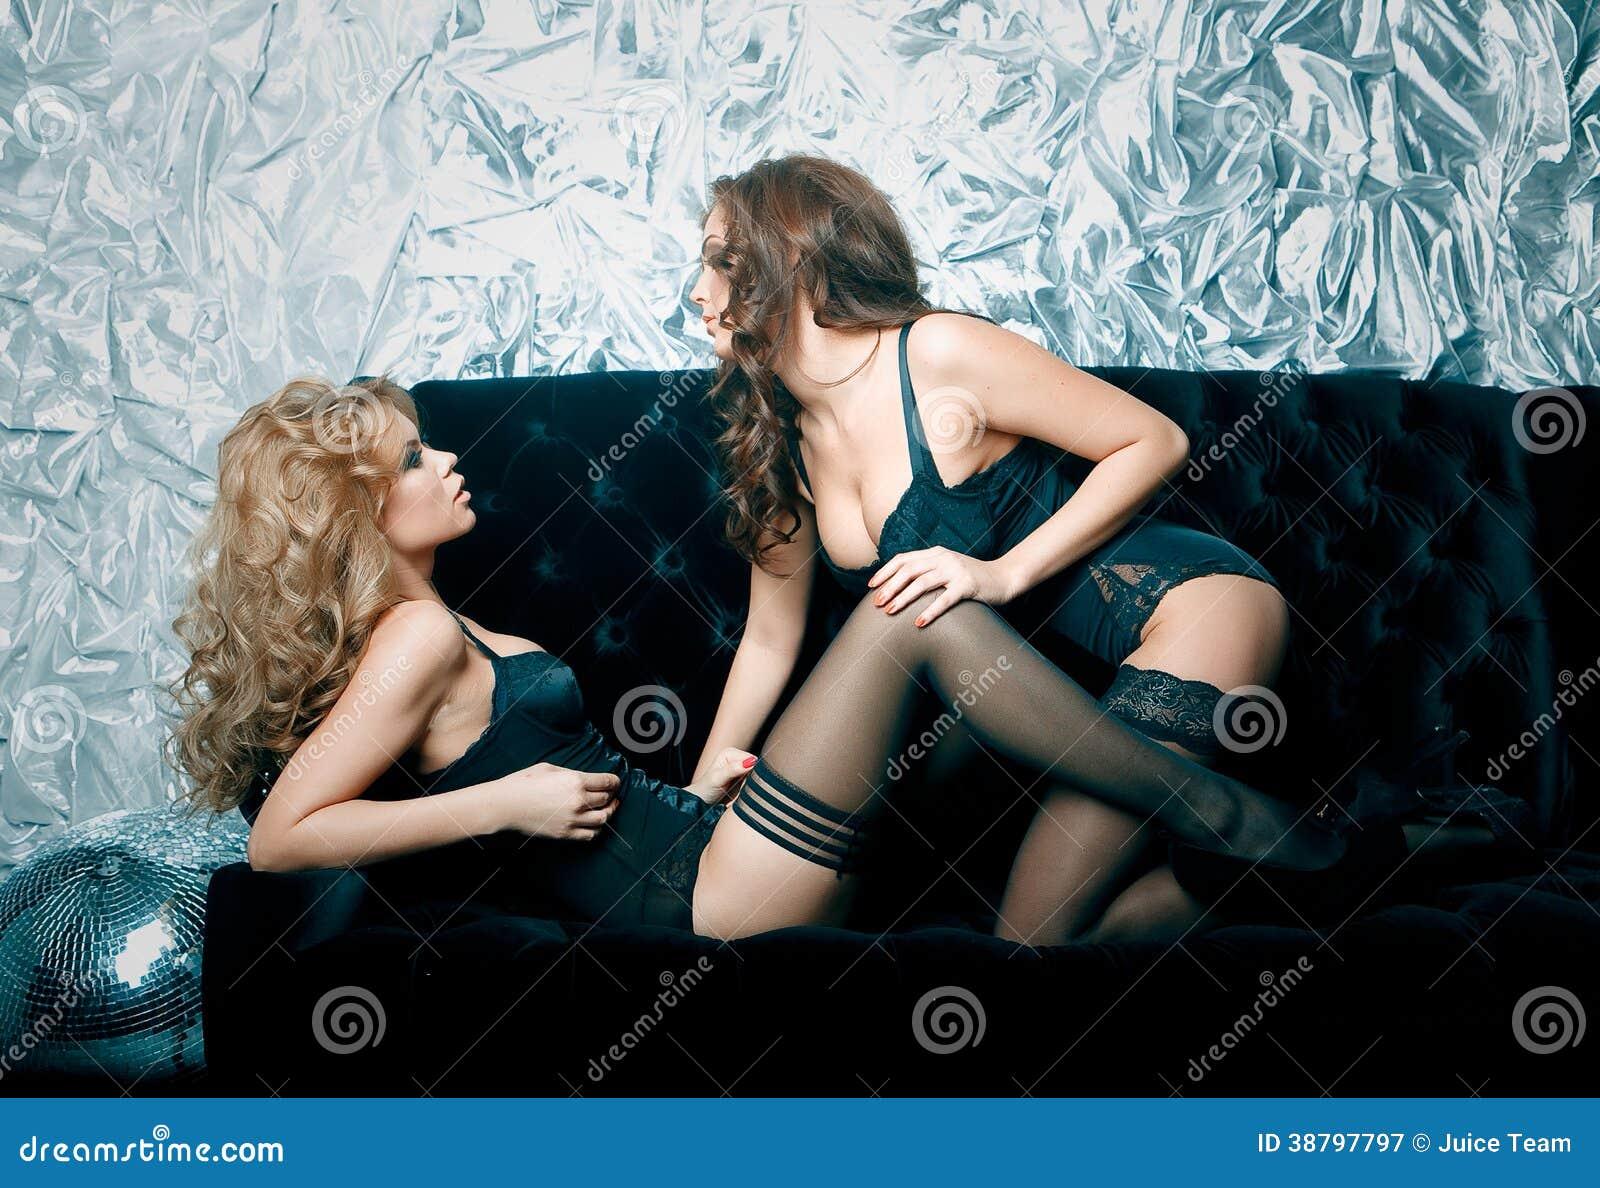 Lesbians on sofa